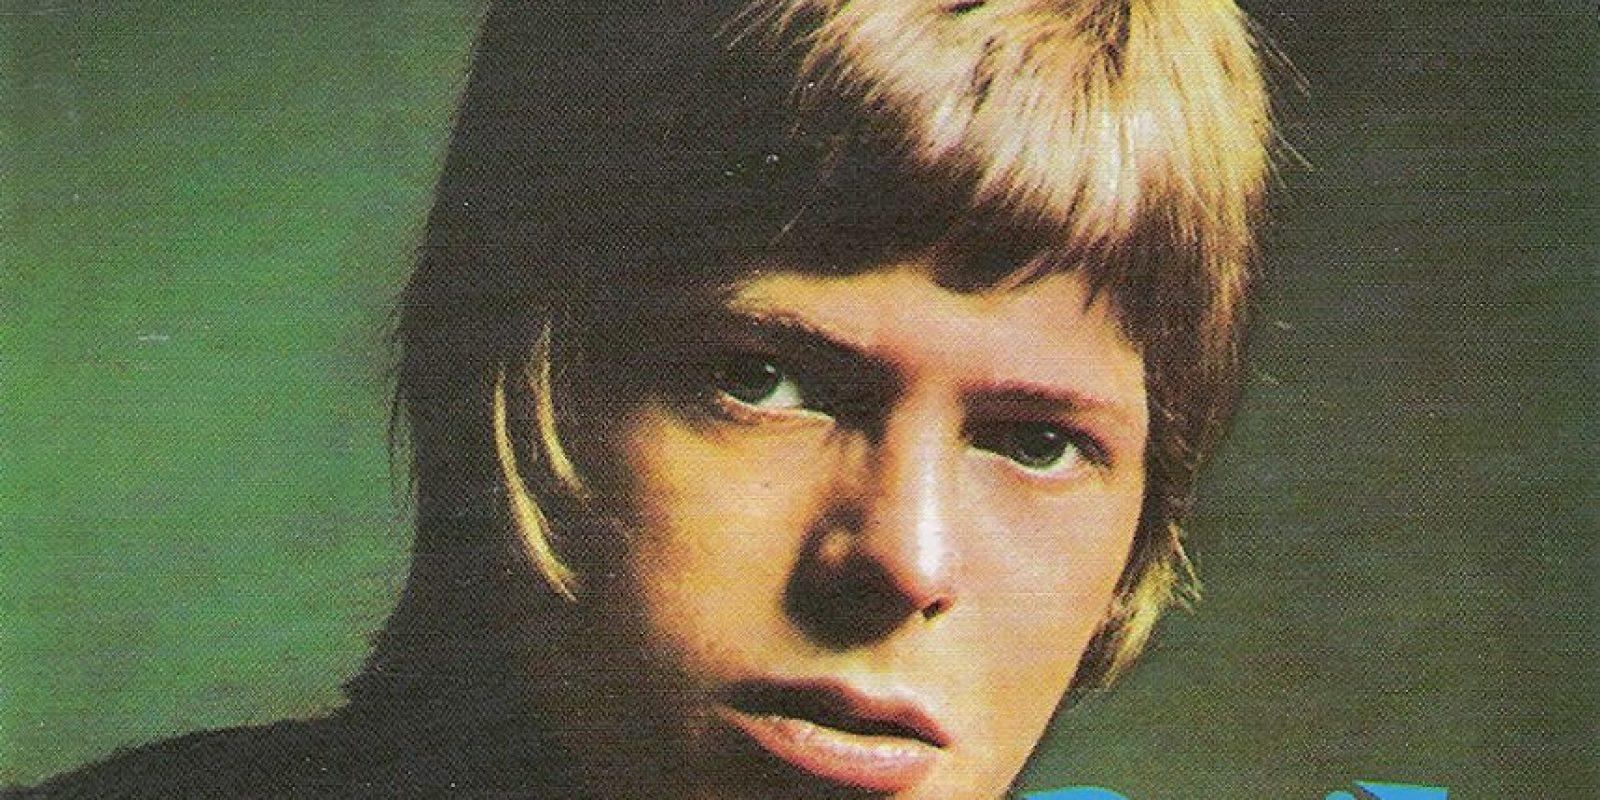 En 1967, David Bowie lanza un álbum con su nombre. Foto:Coveralia